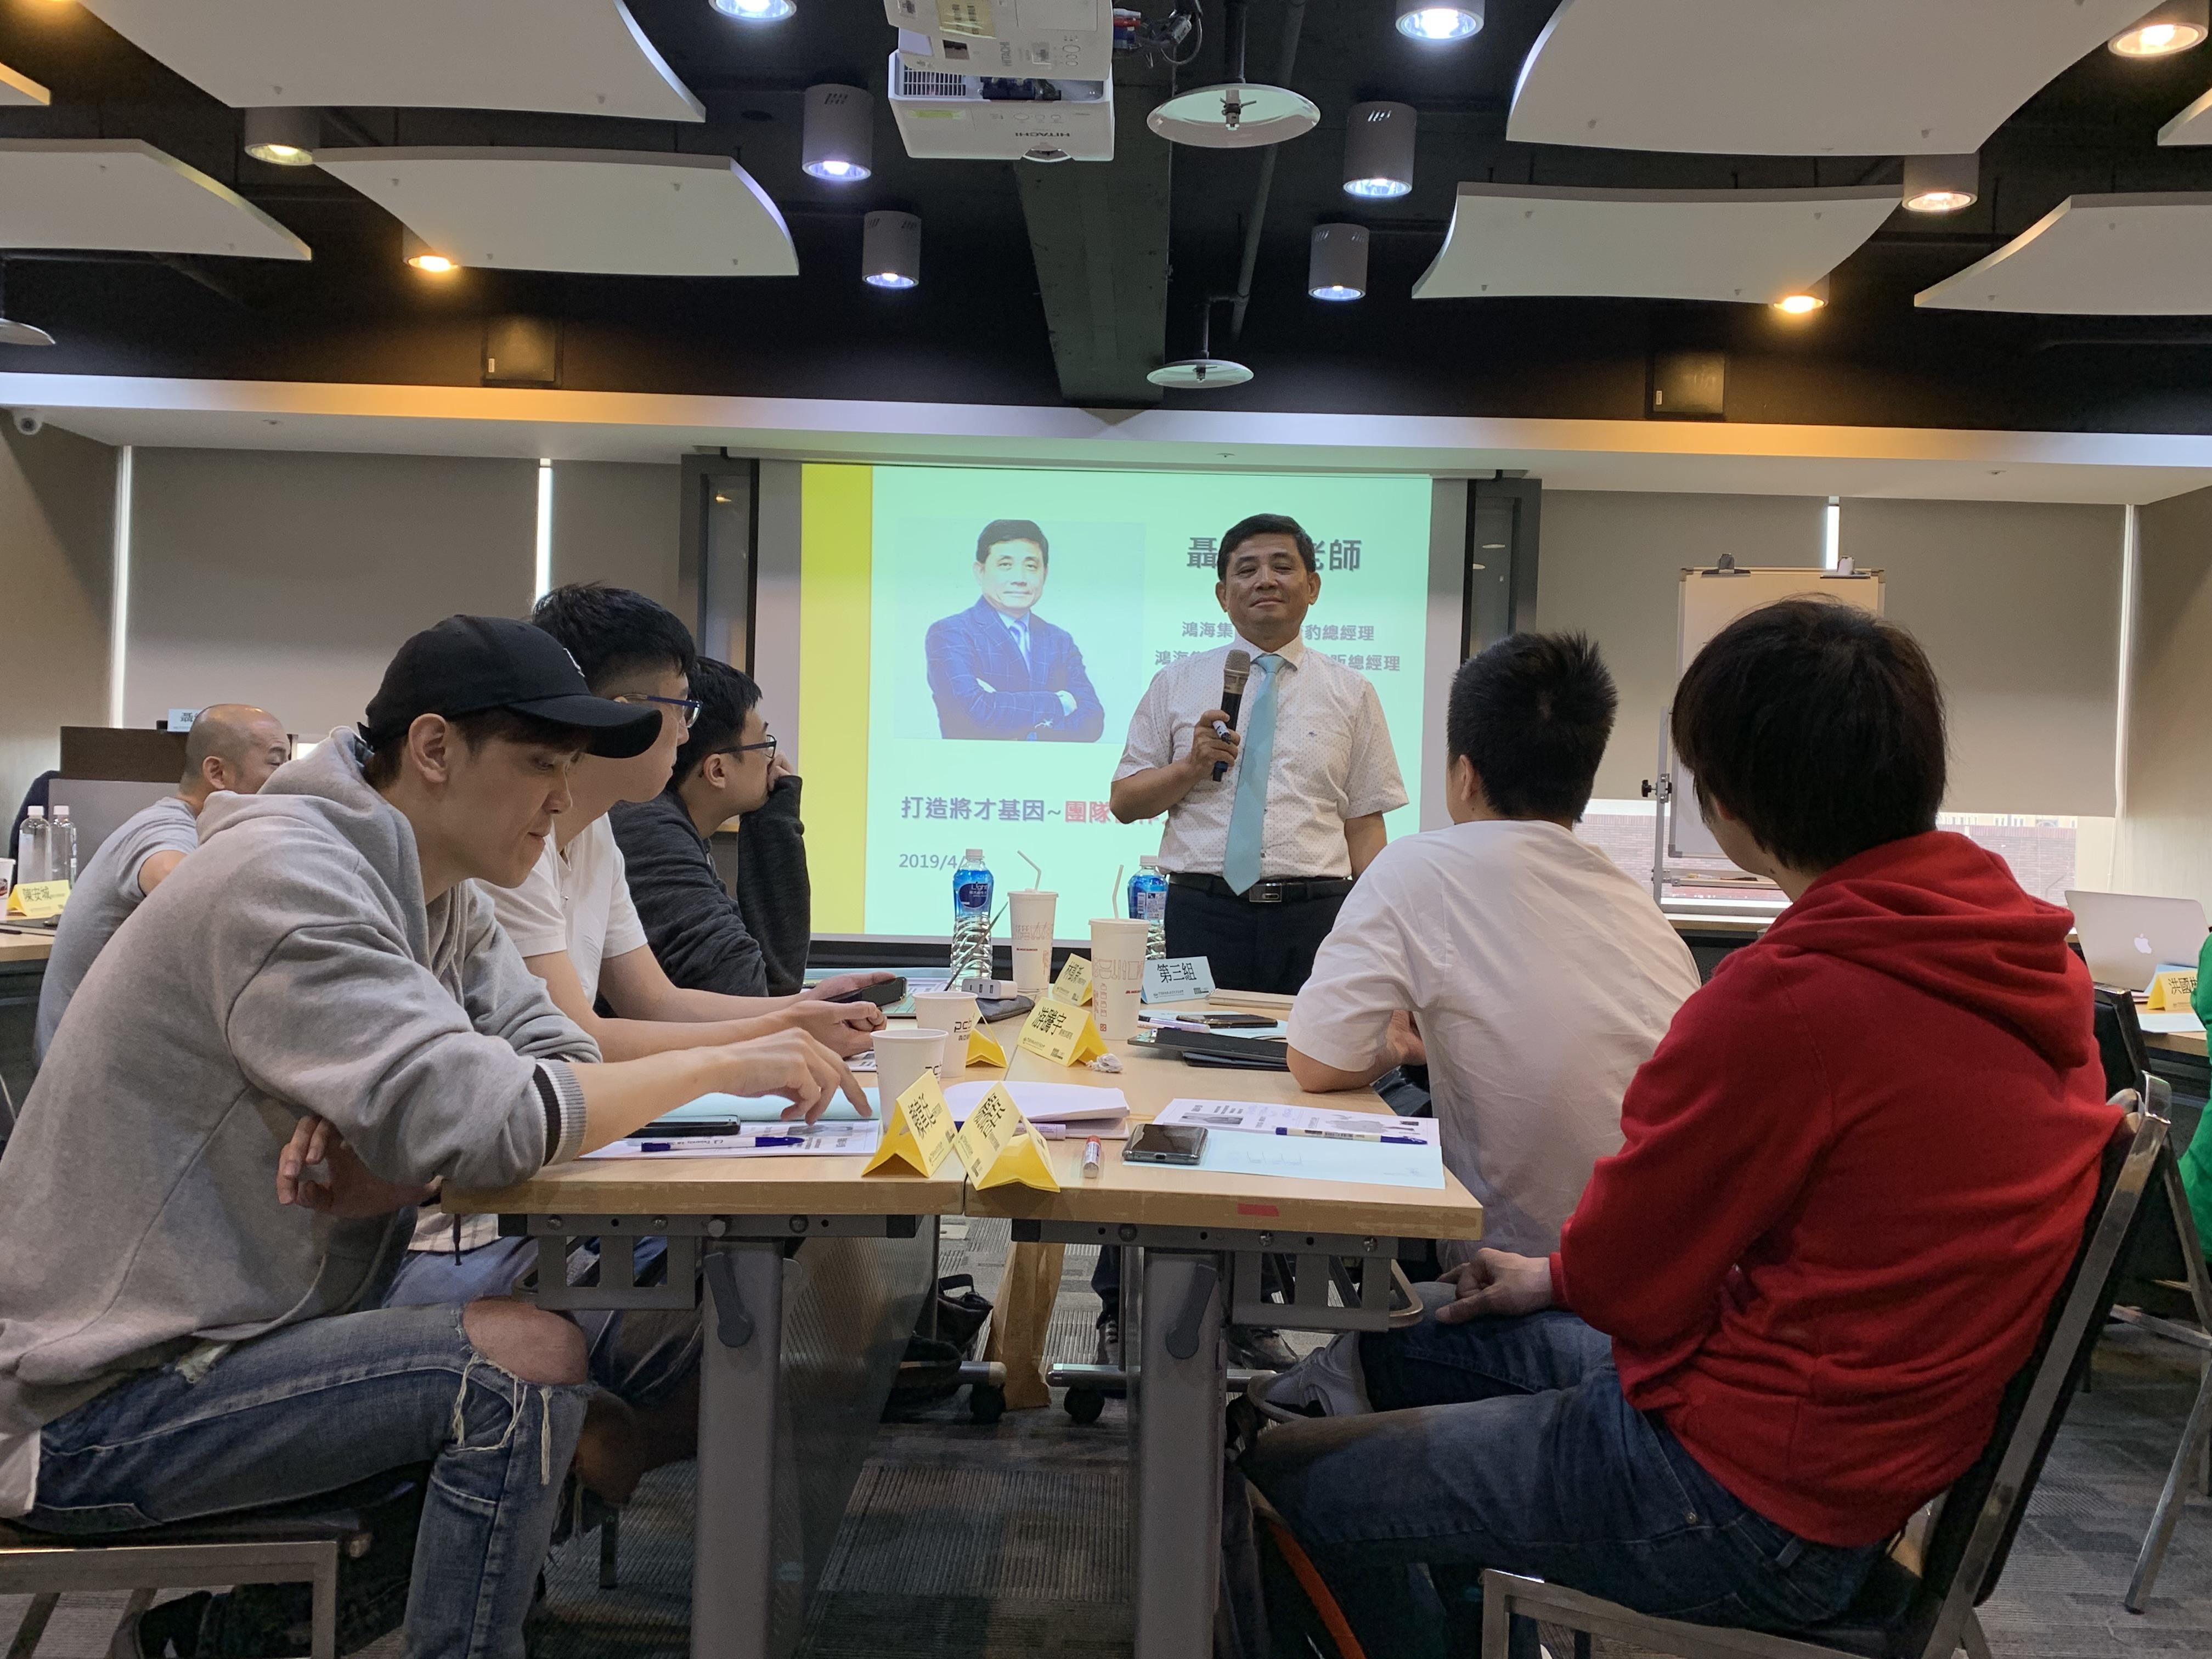 【企業內訓影片】香港商真好玩科技台灣分公司-目標管理與問題解決研習會